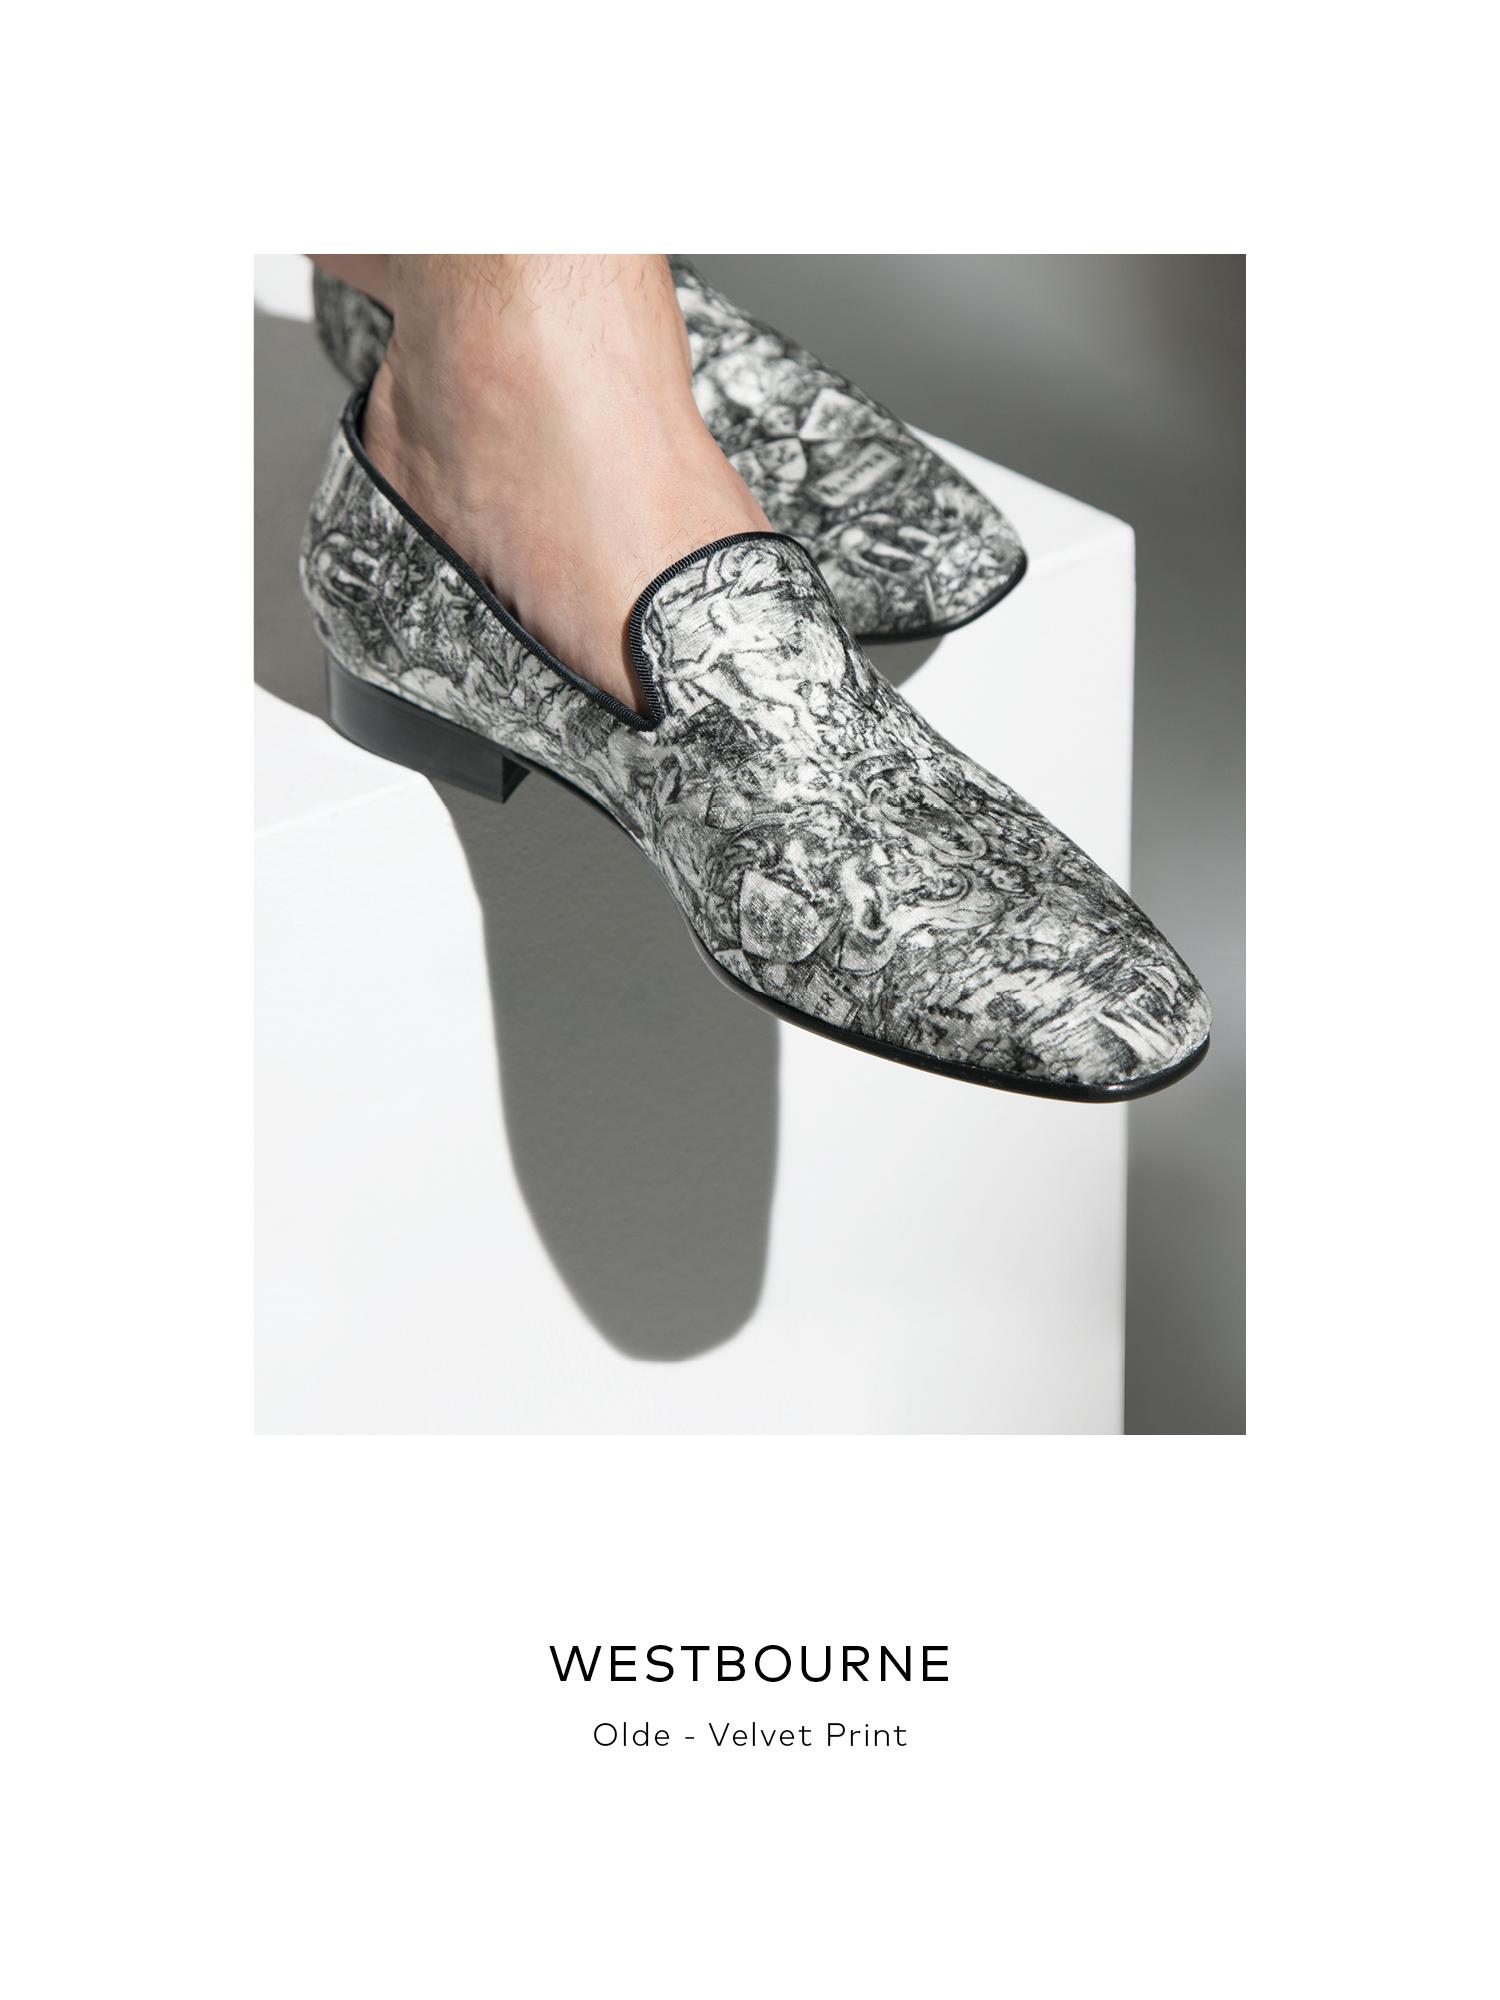 Westbourne, Olde - Velvet Print